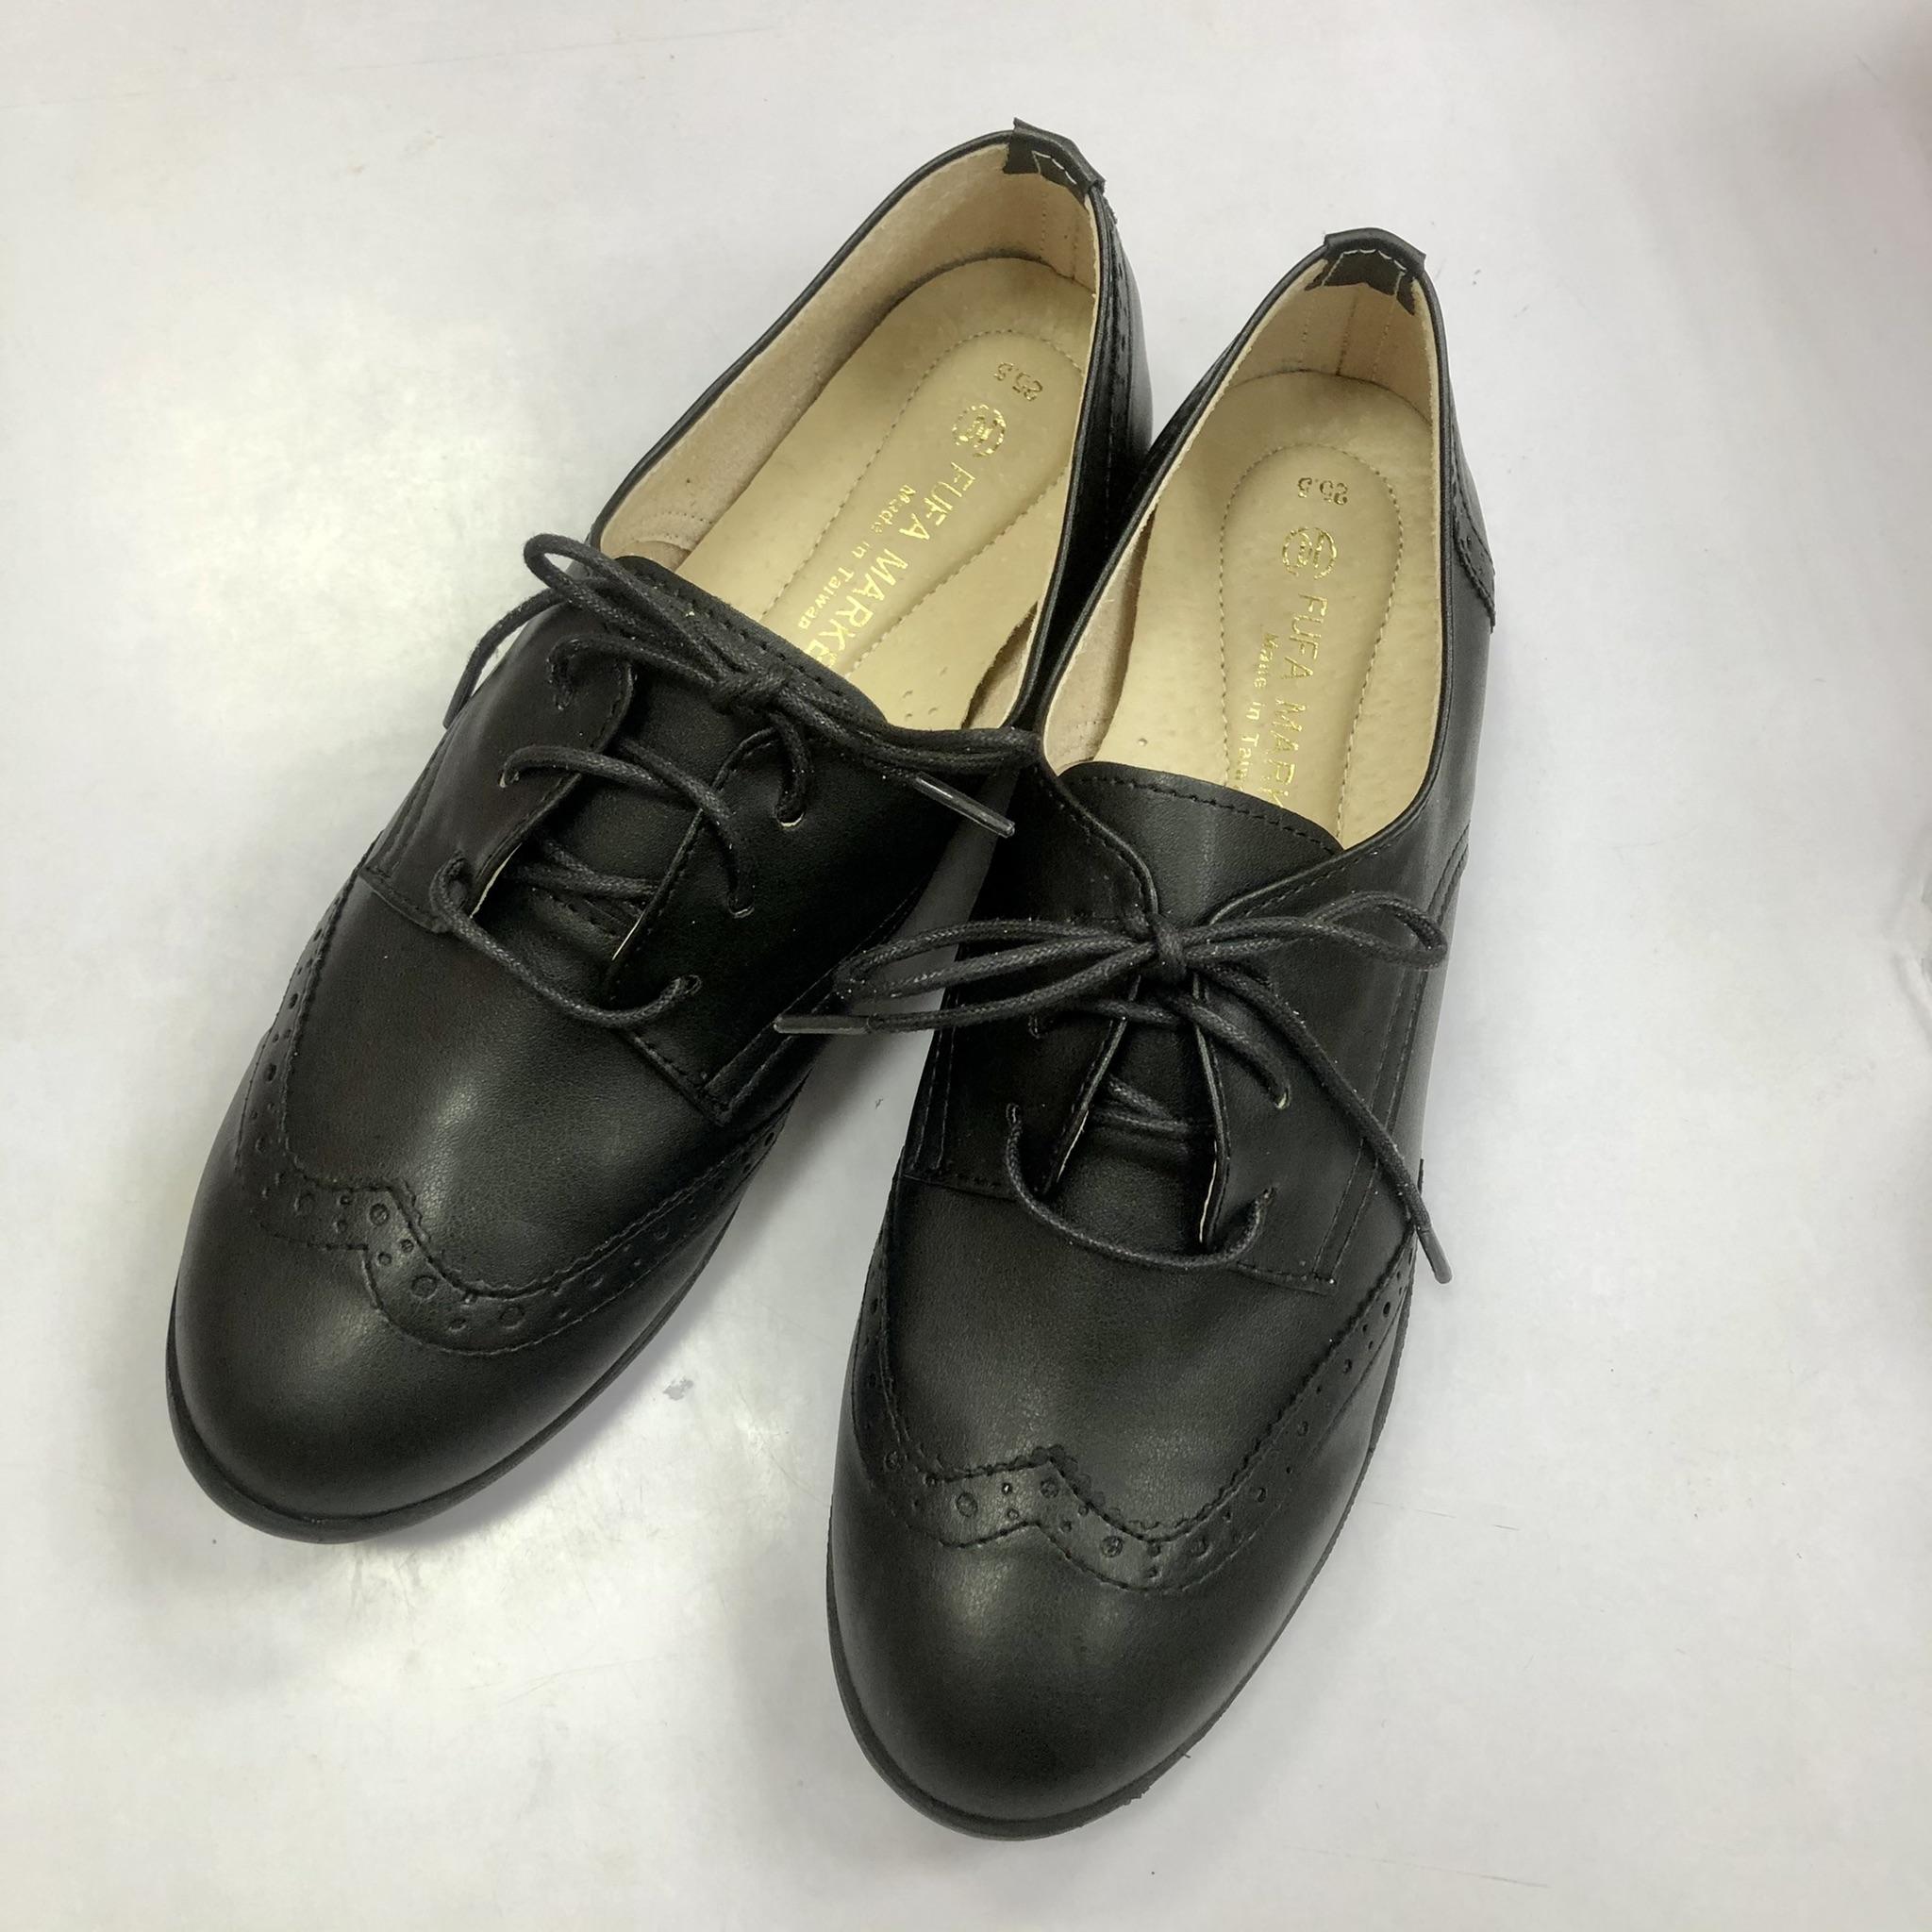 雕花牛津鞋低跟鞋